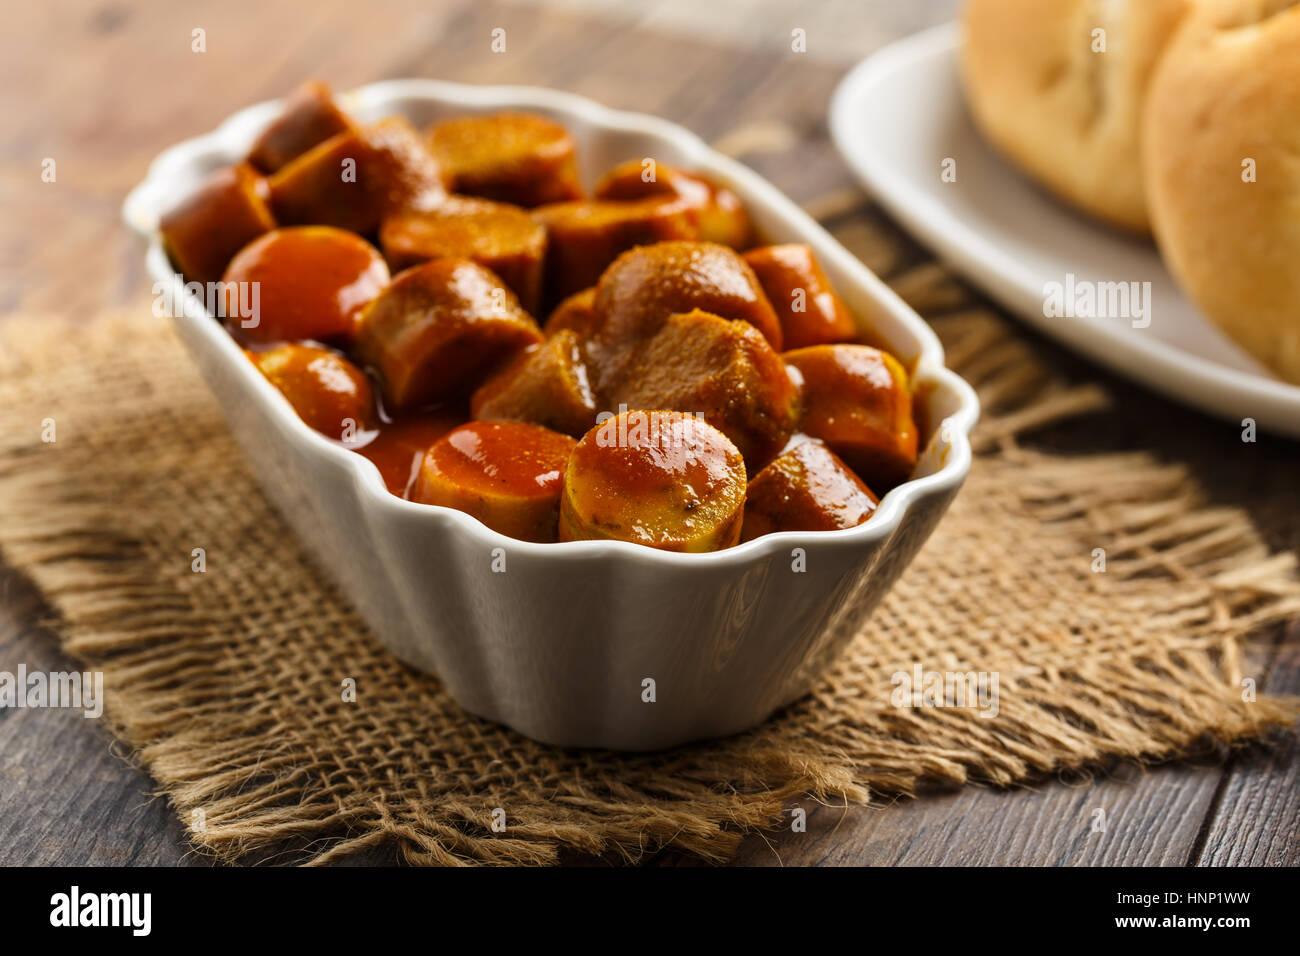 Currywurst allemande - morceaux de saucisse au curry Photo Stock